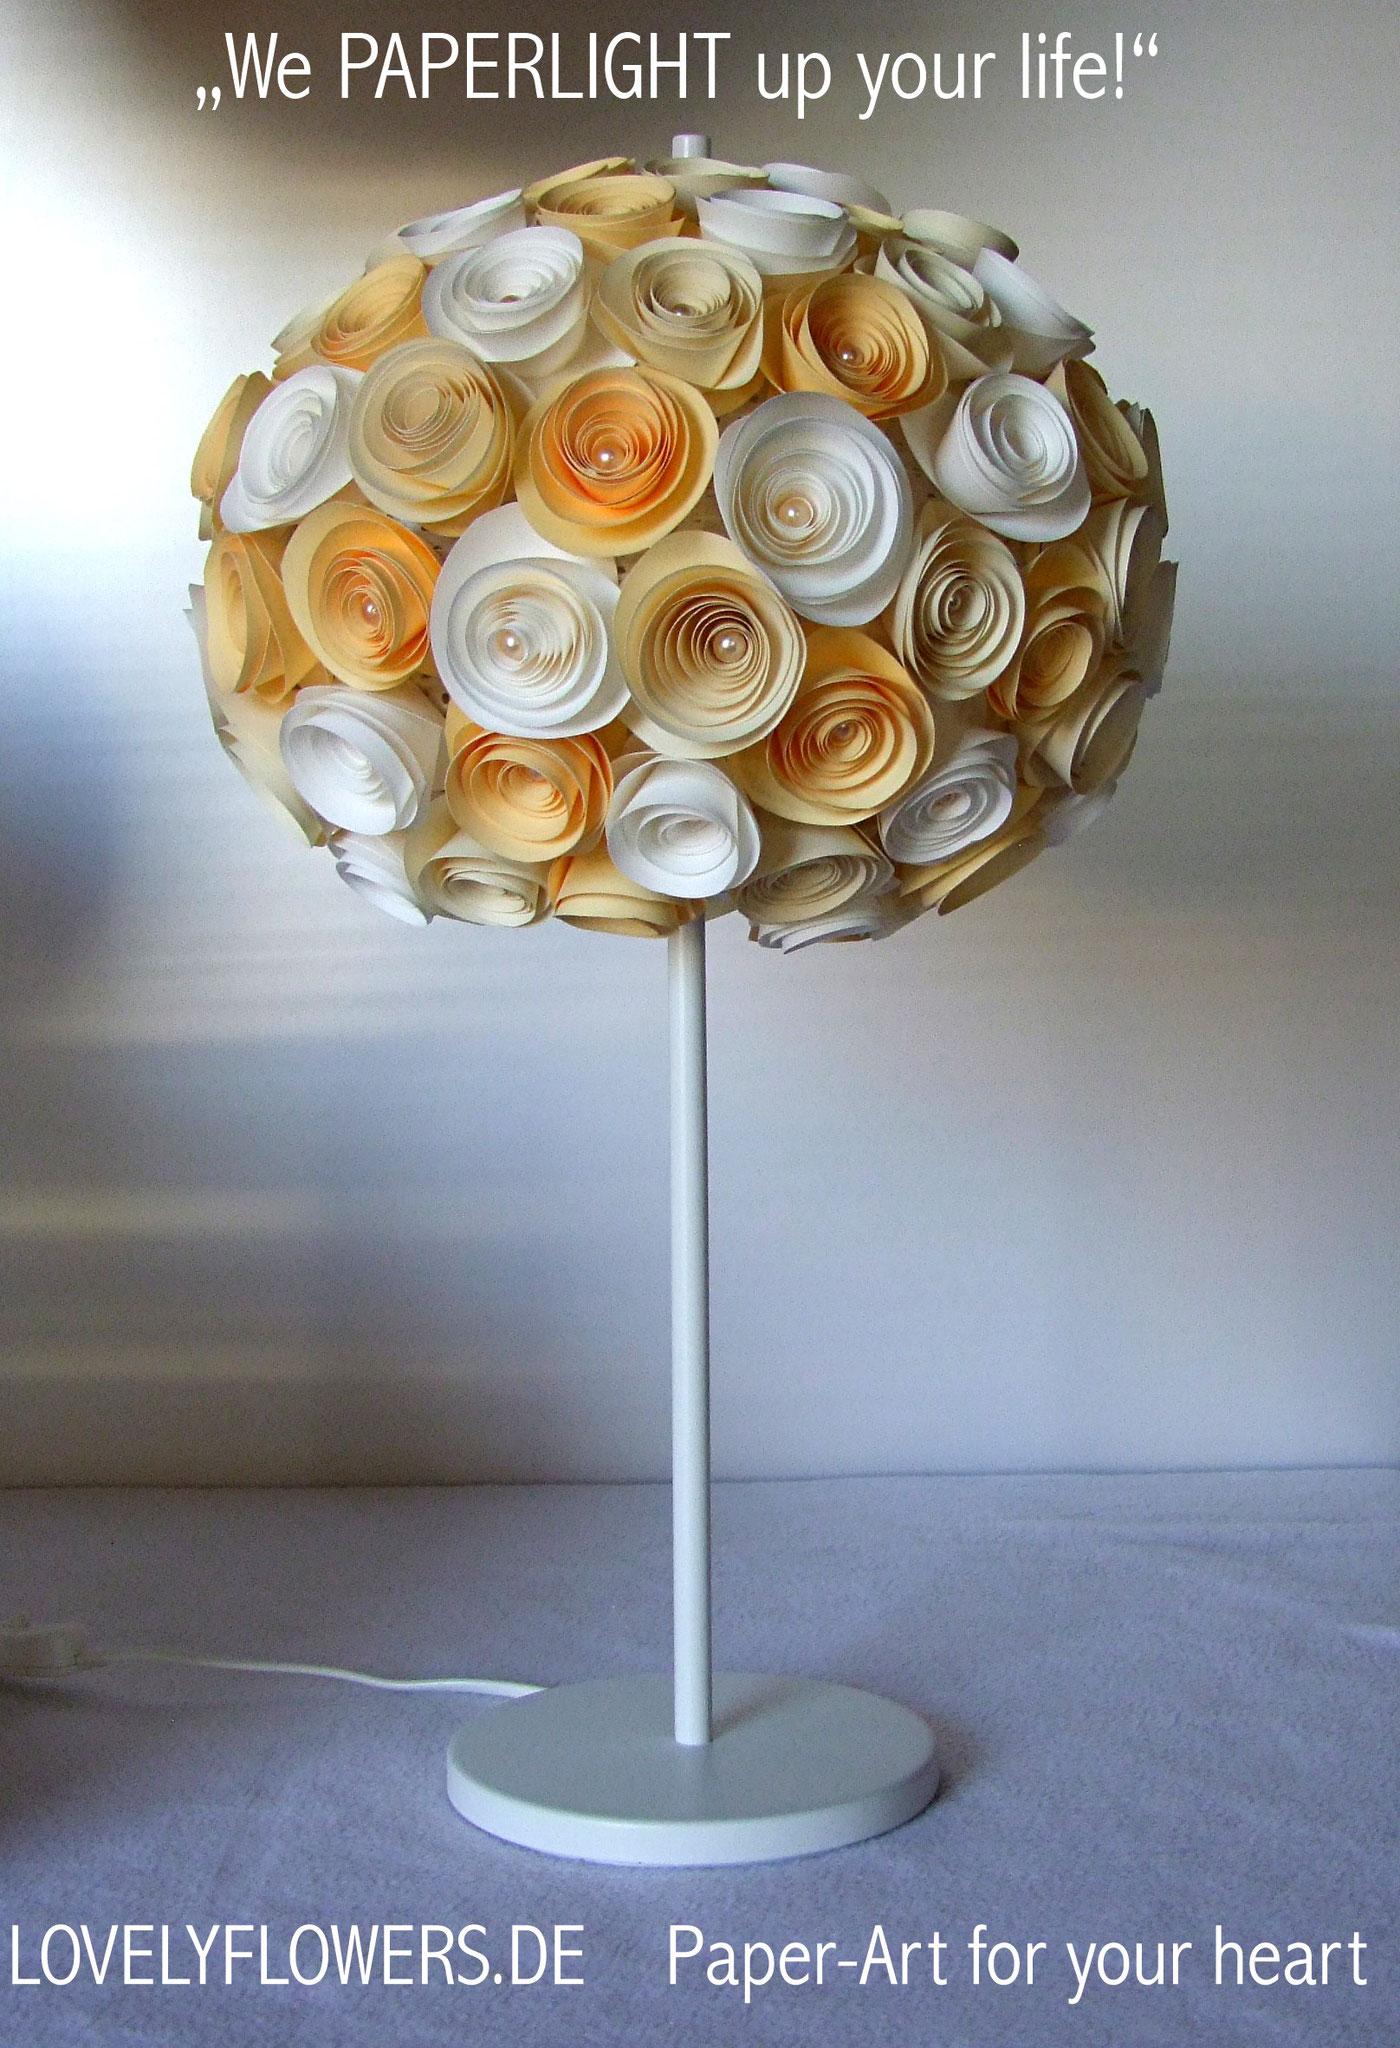 www.lovelyflowers.de - Paper Art Stehlampen sind die romantischste Deko für Wohn- und Schlafzimmer!